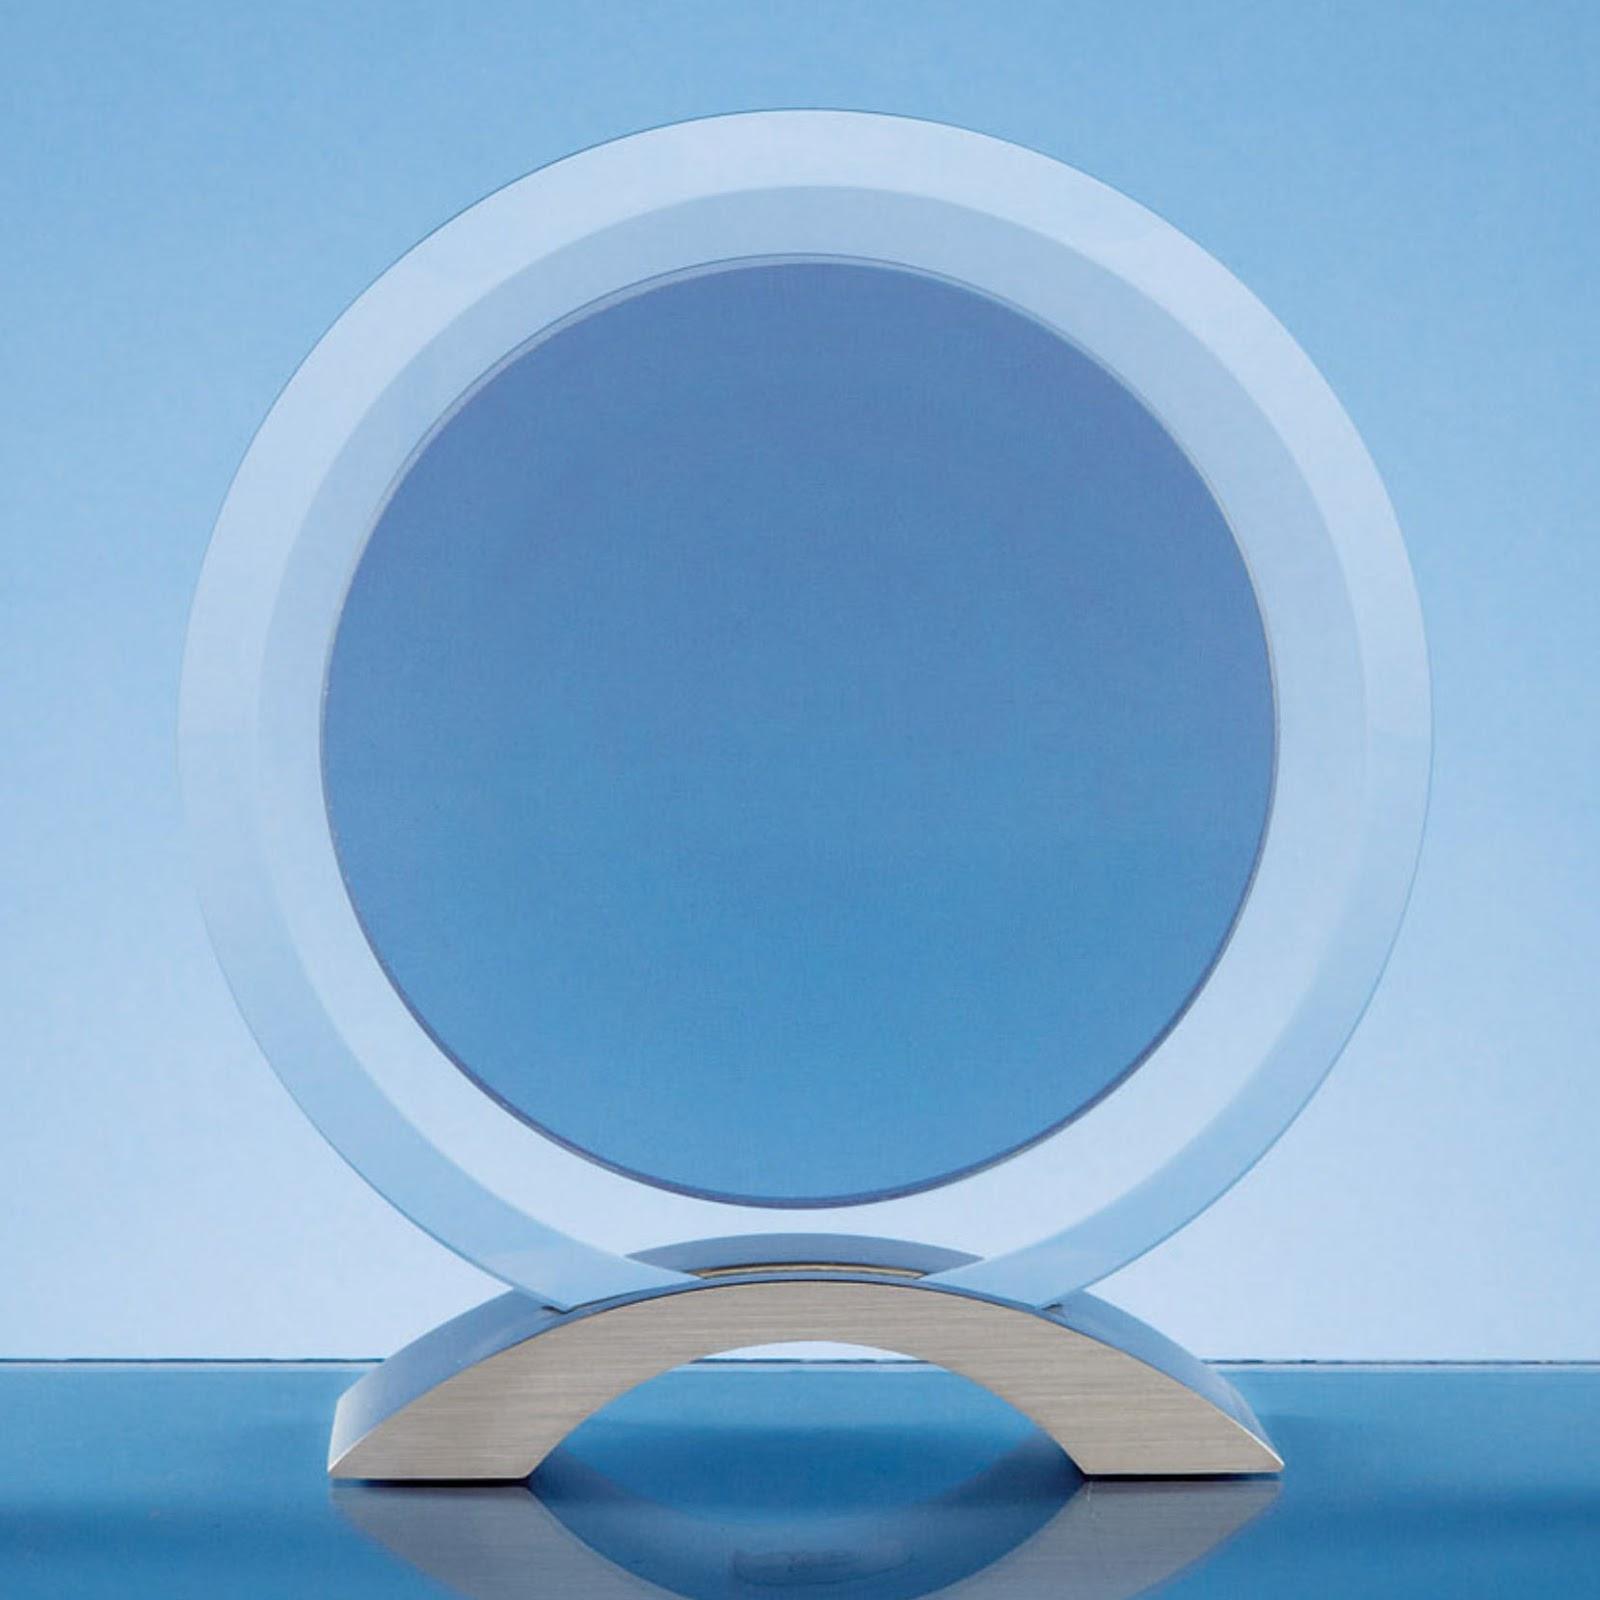 18.5cm Circular Smoked Glass Awards